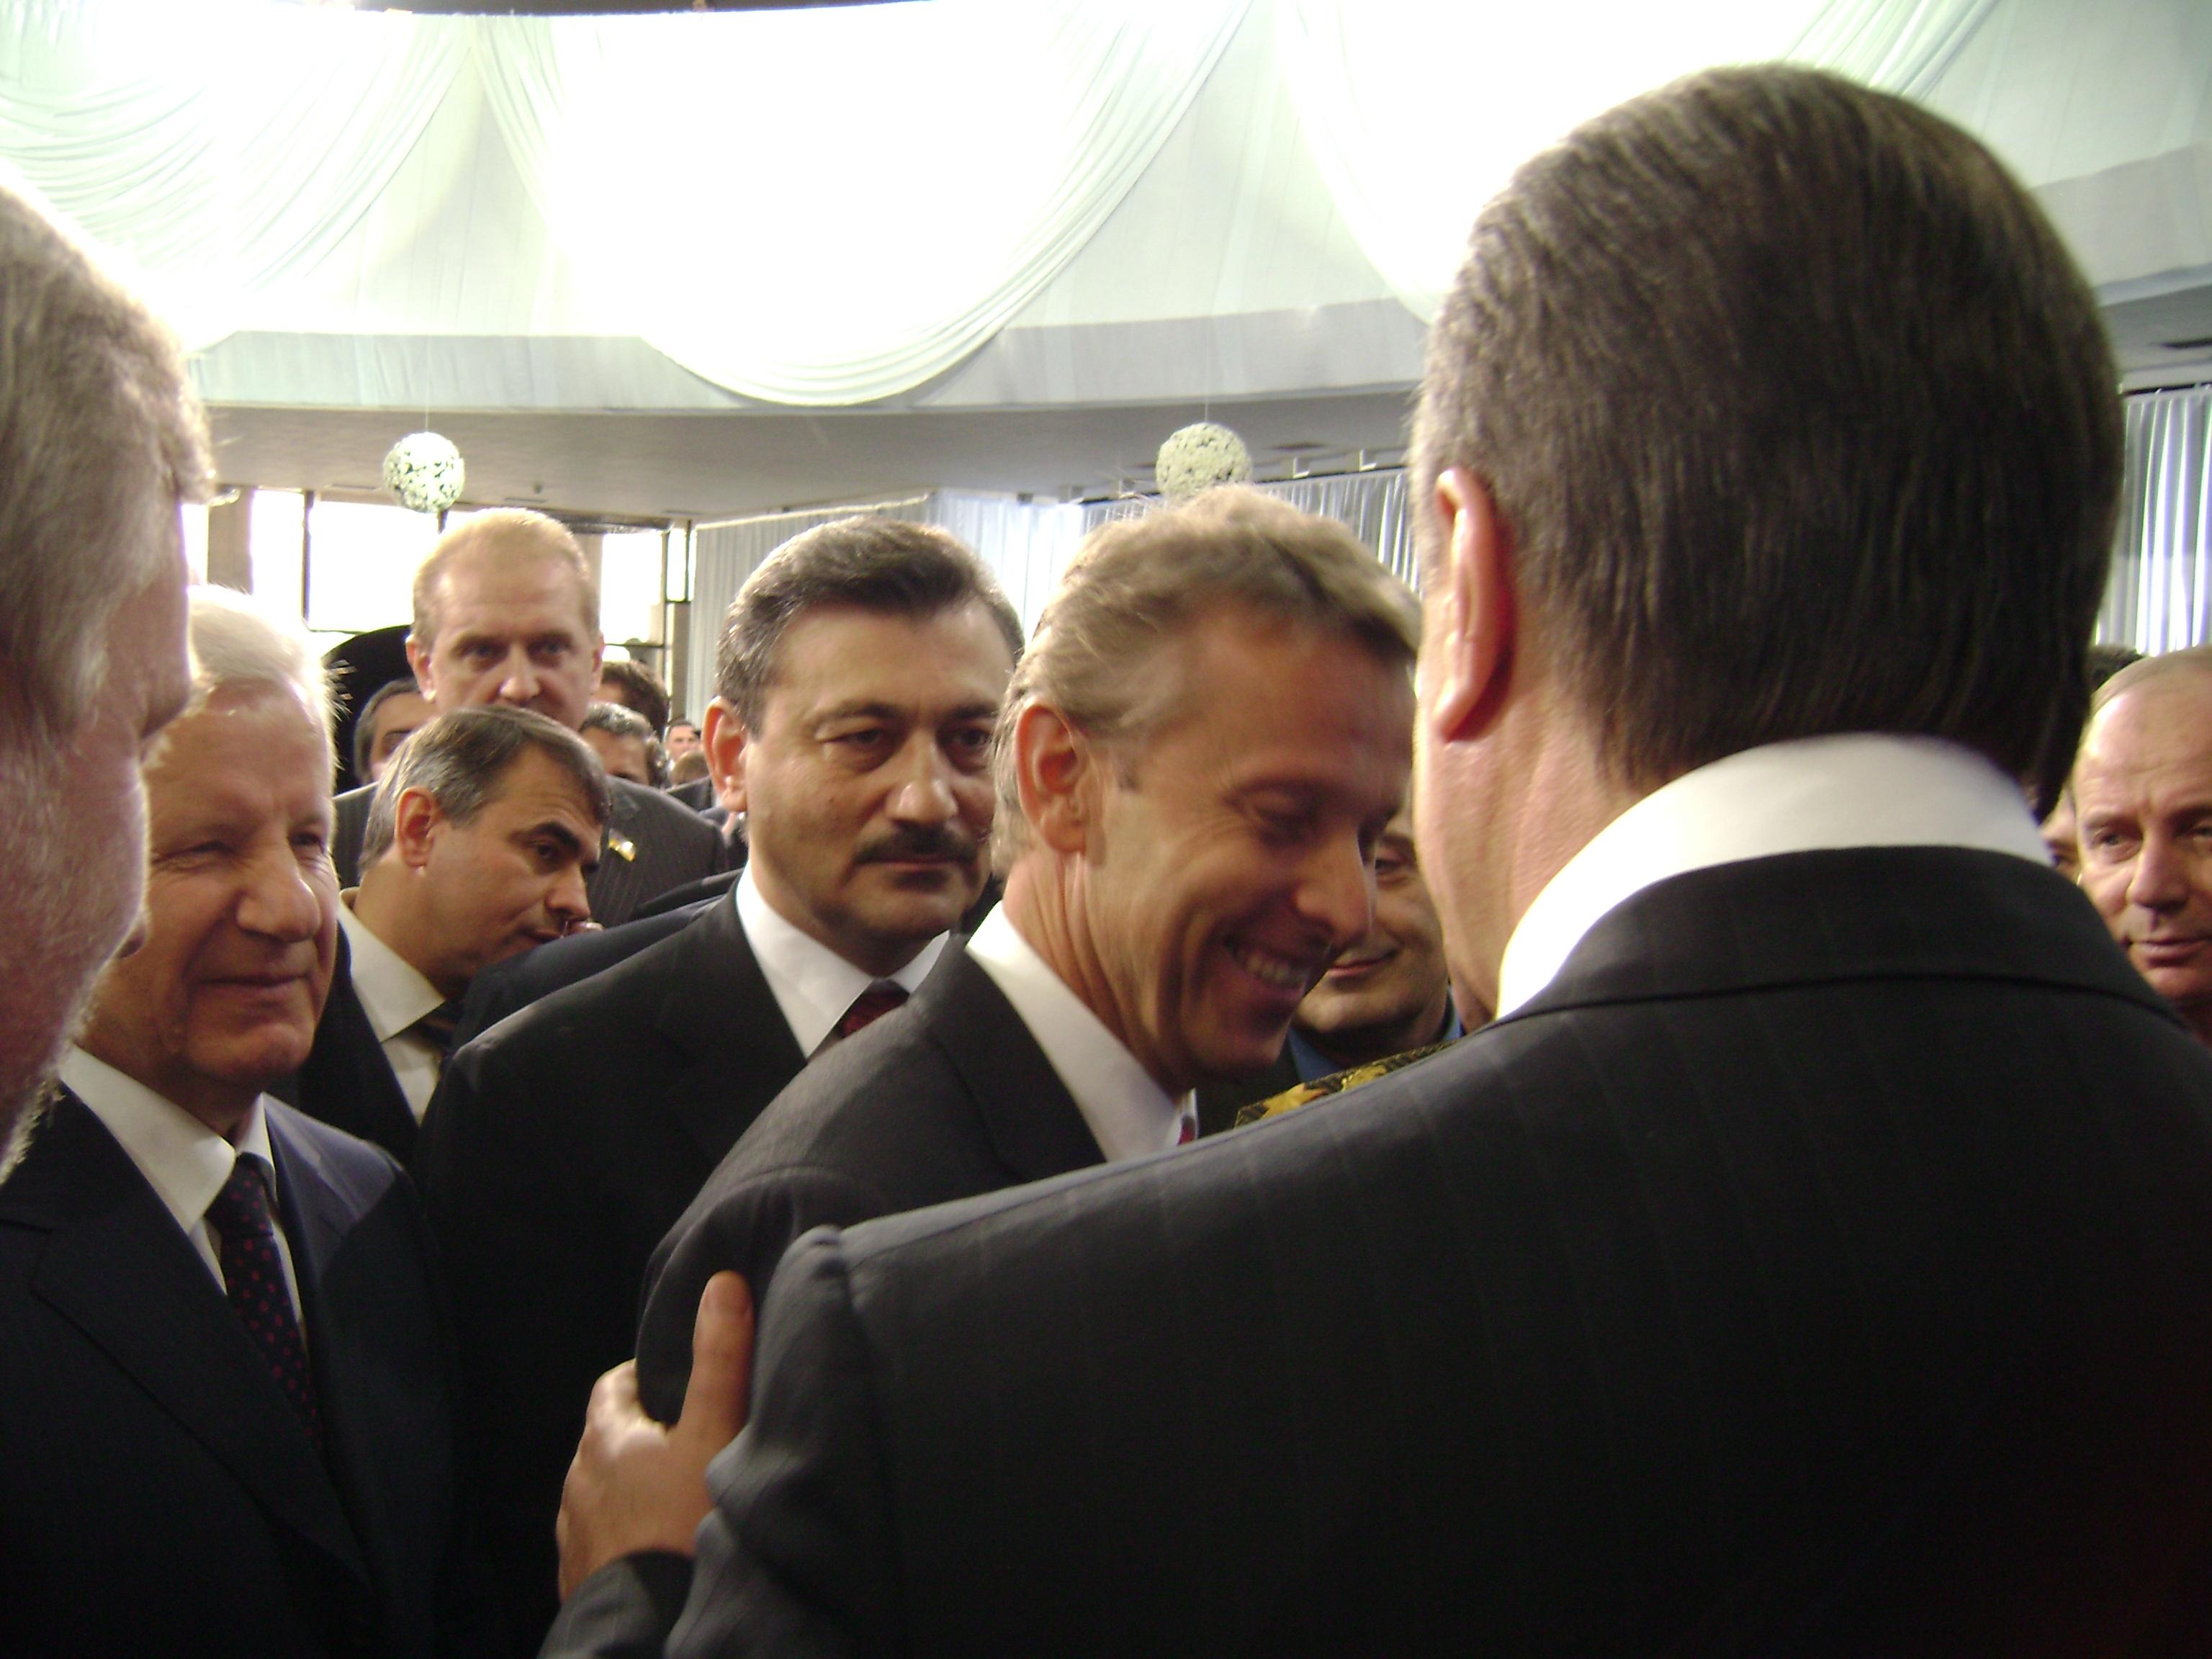 Begrüßung durch den neuen ukrainischen Präsidenten Viktor Janukowytsch (C) Sven Pöllauer